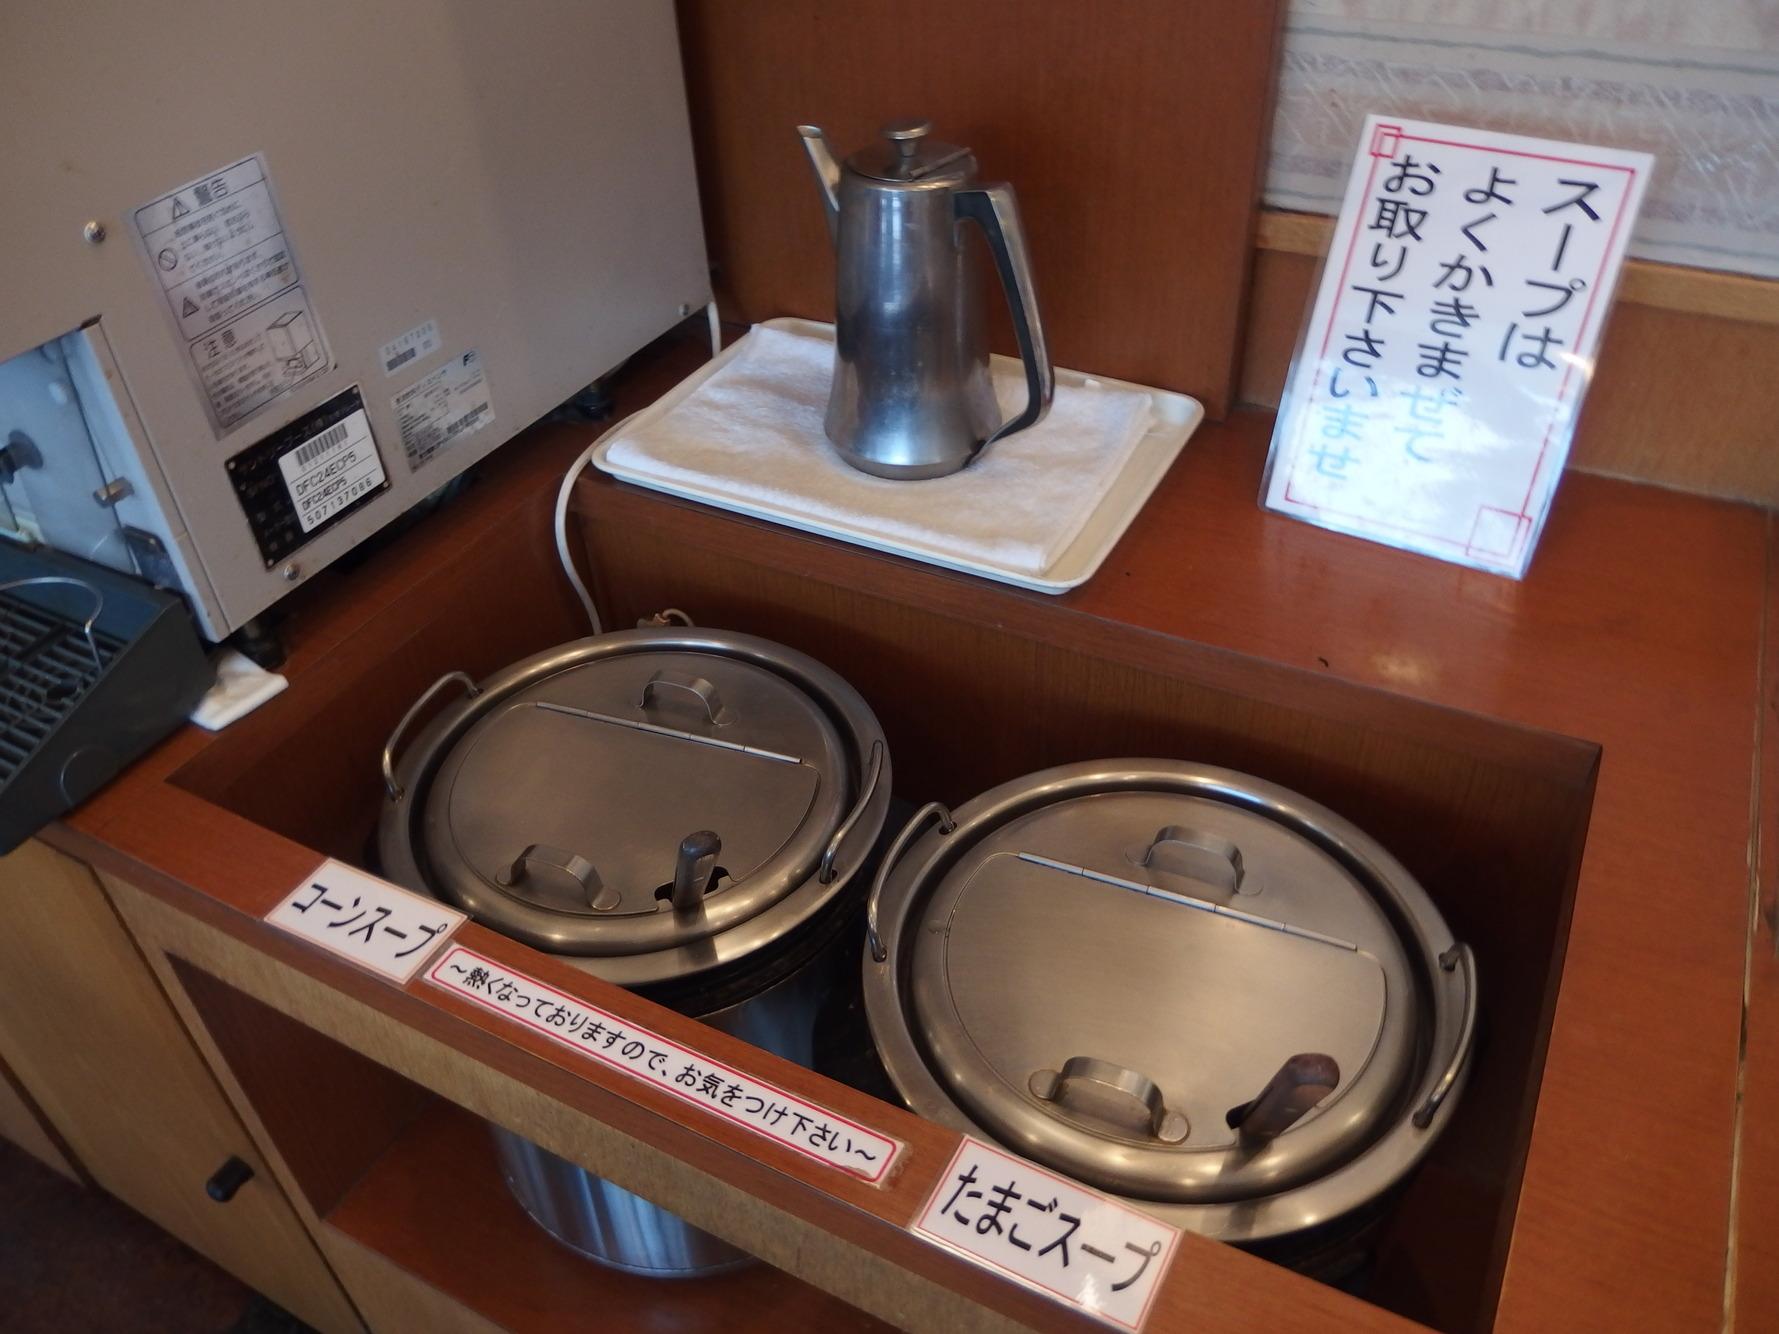 パブロ・ピカソ 秋田店